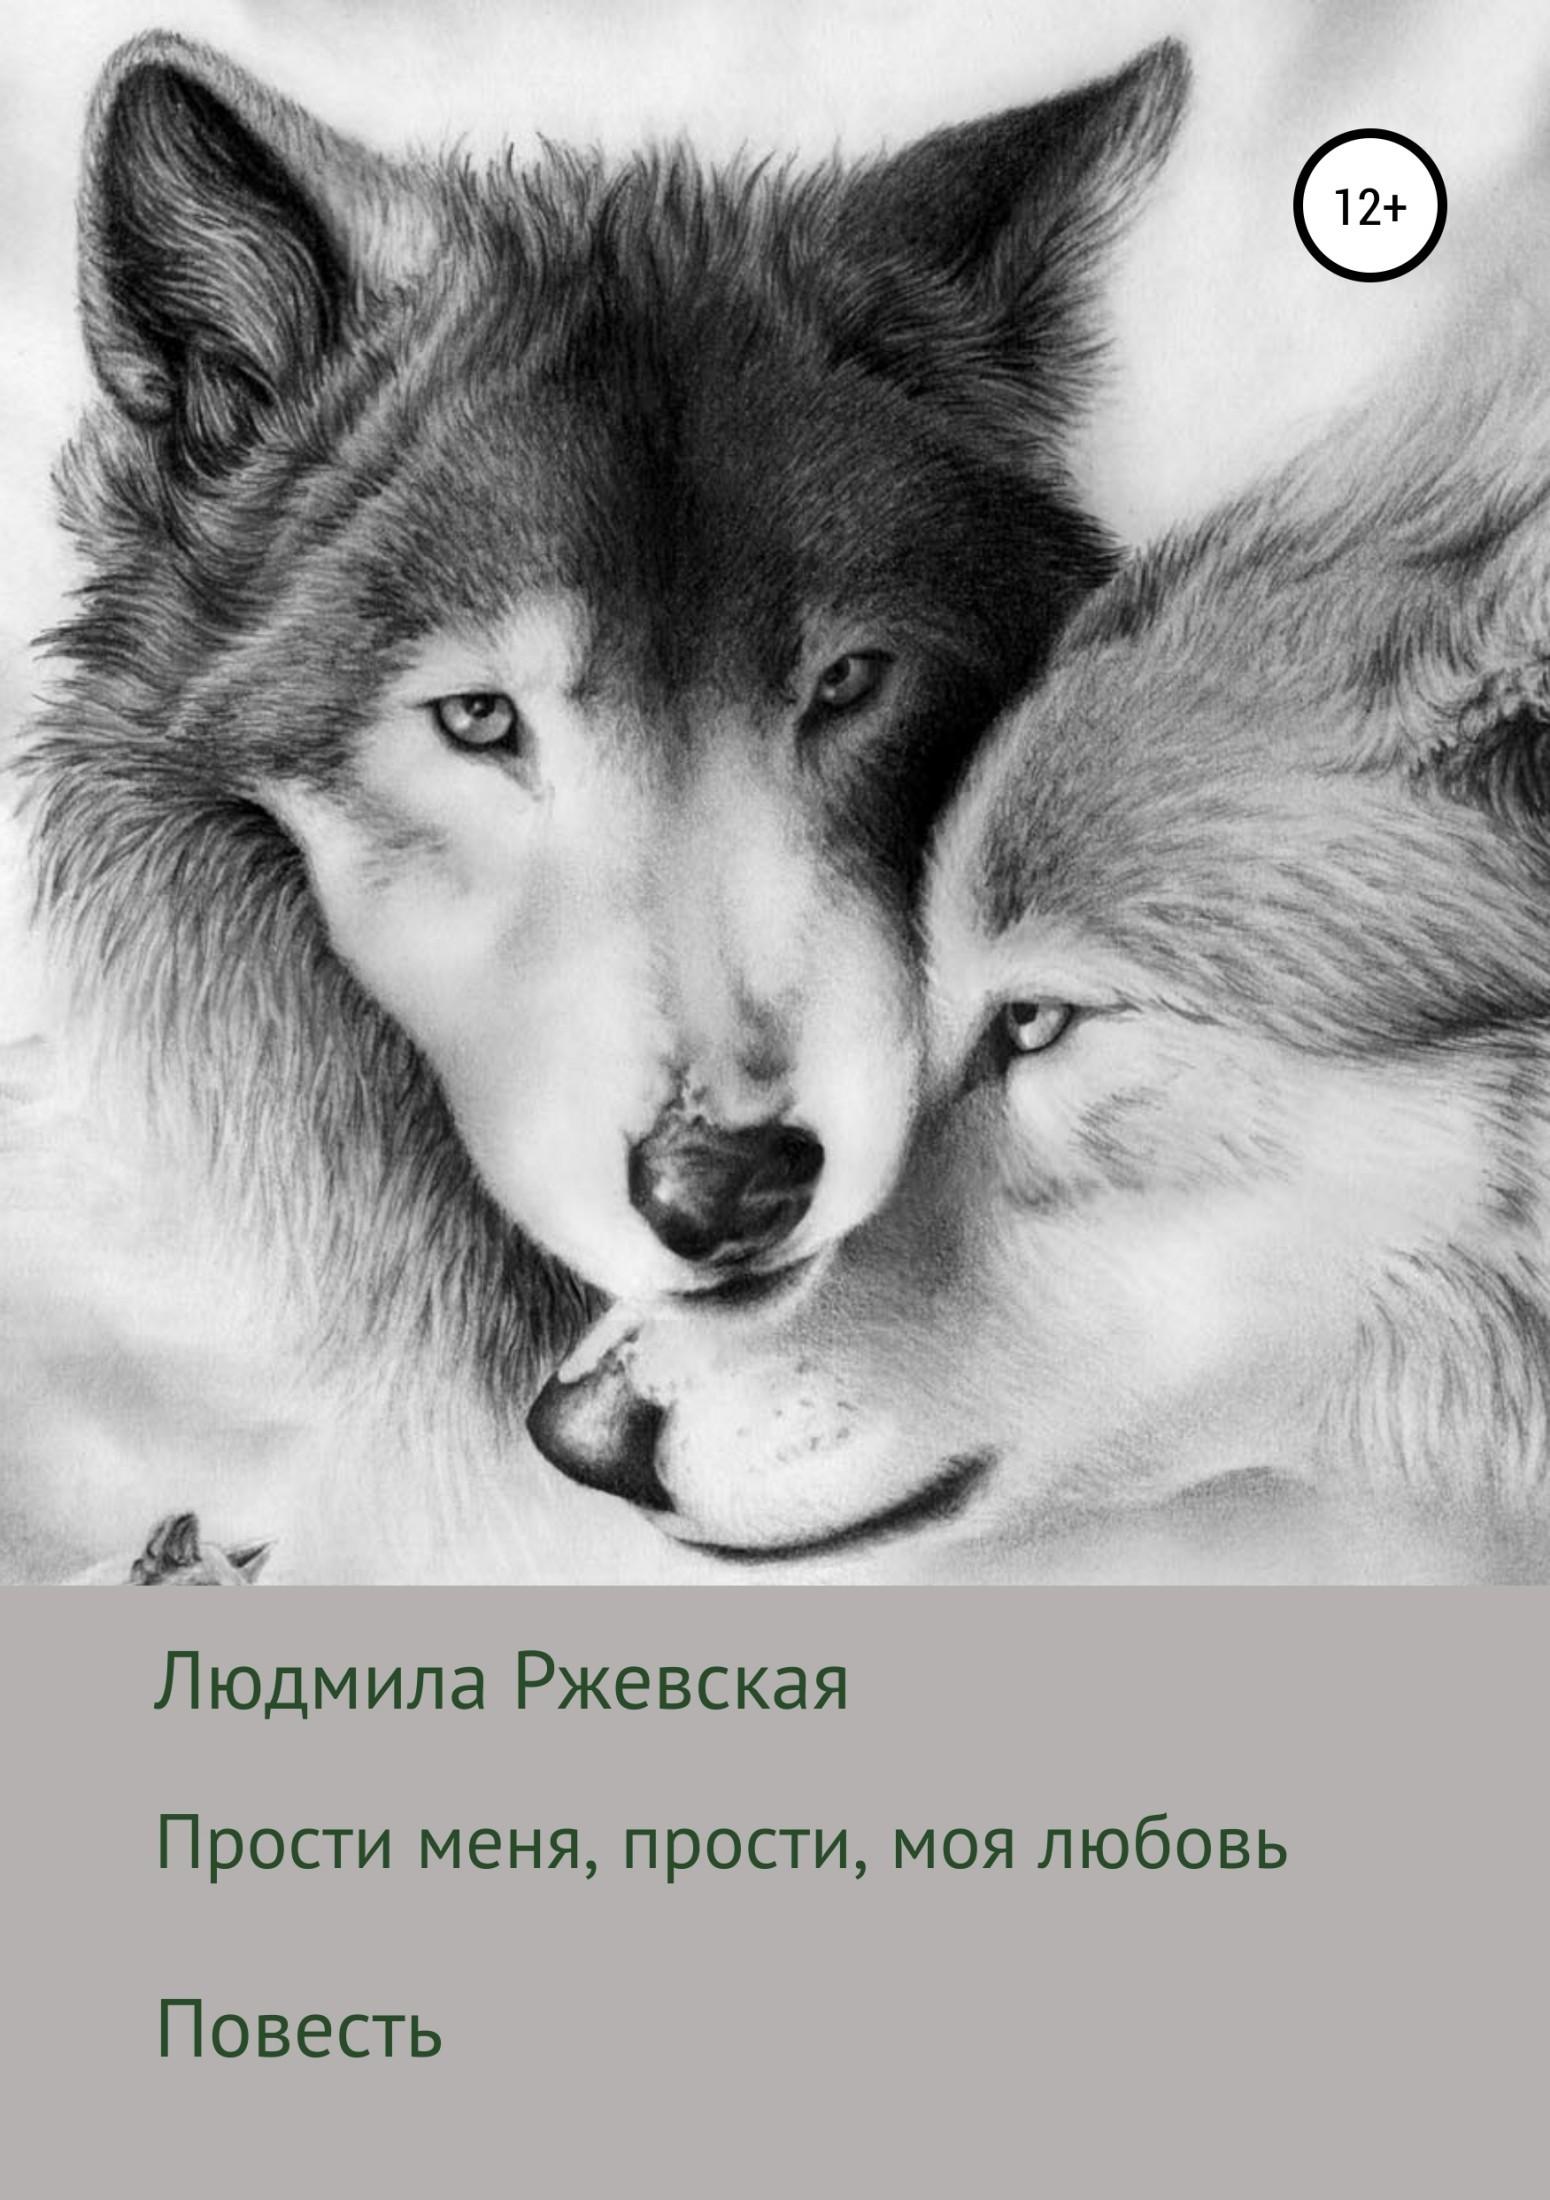 Людмила Петровна Ржевская Прости меня, прости, моя любовь